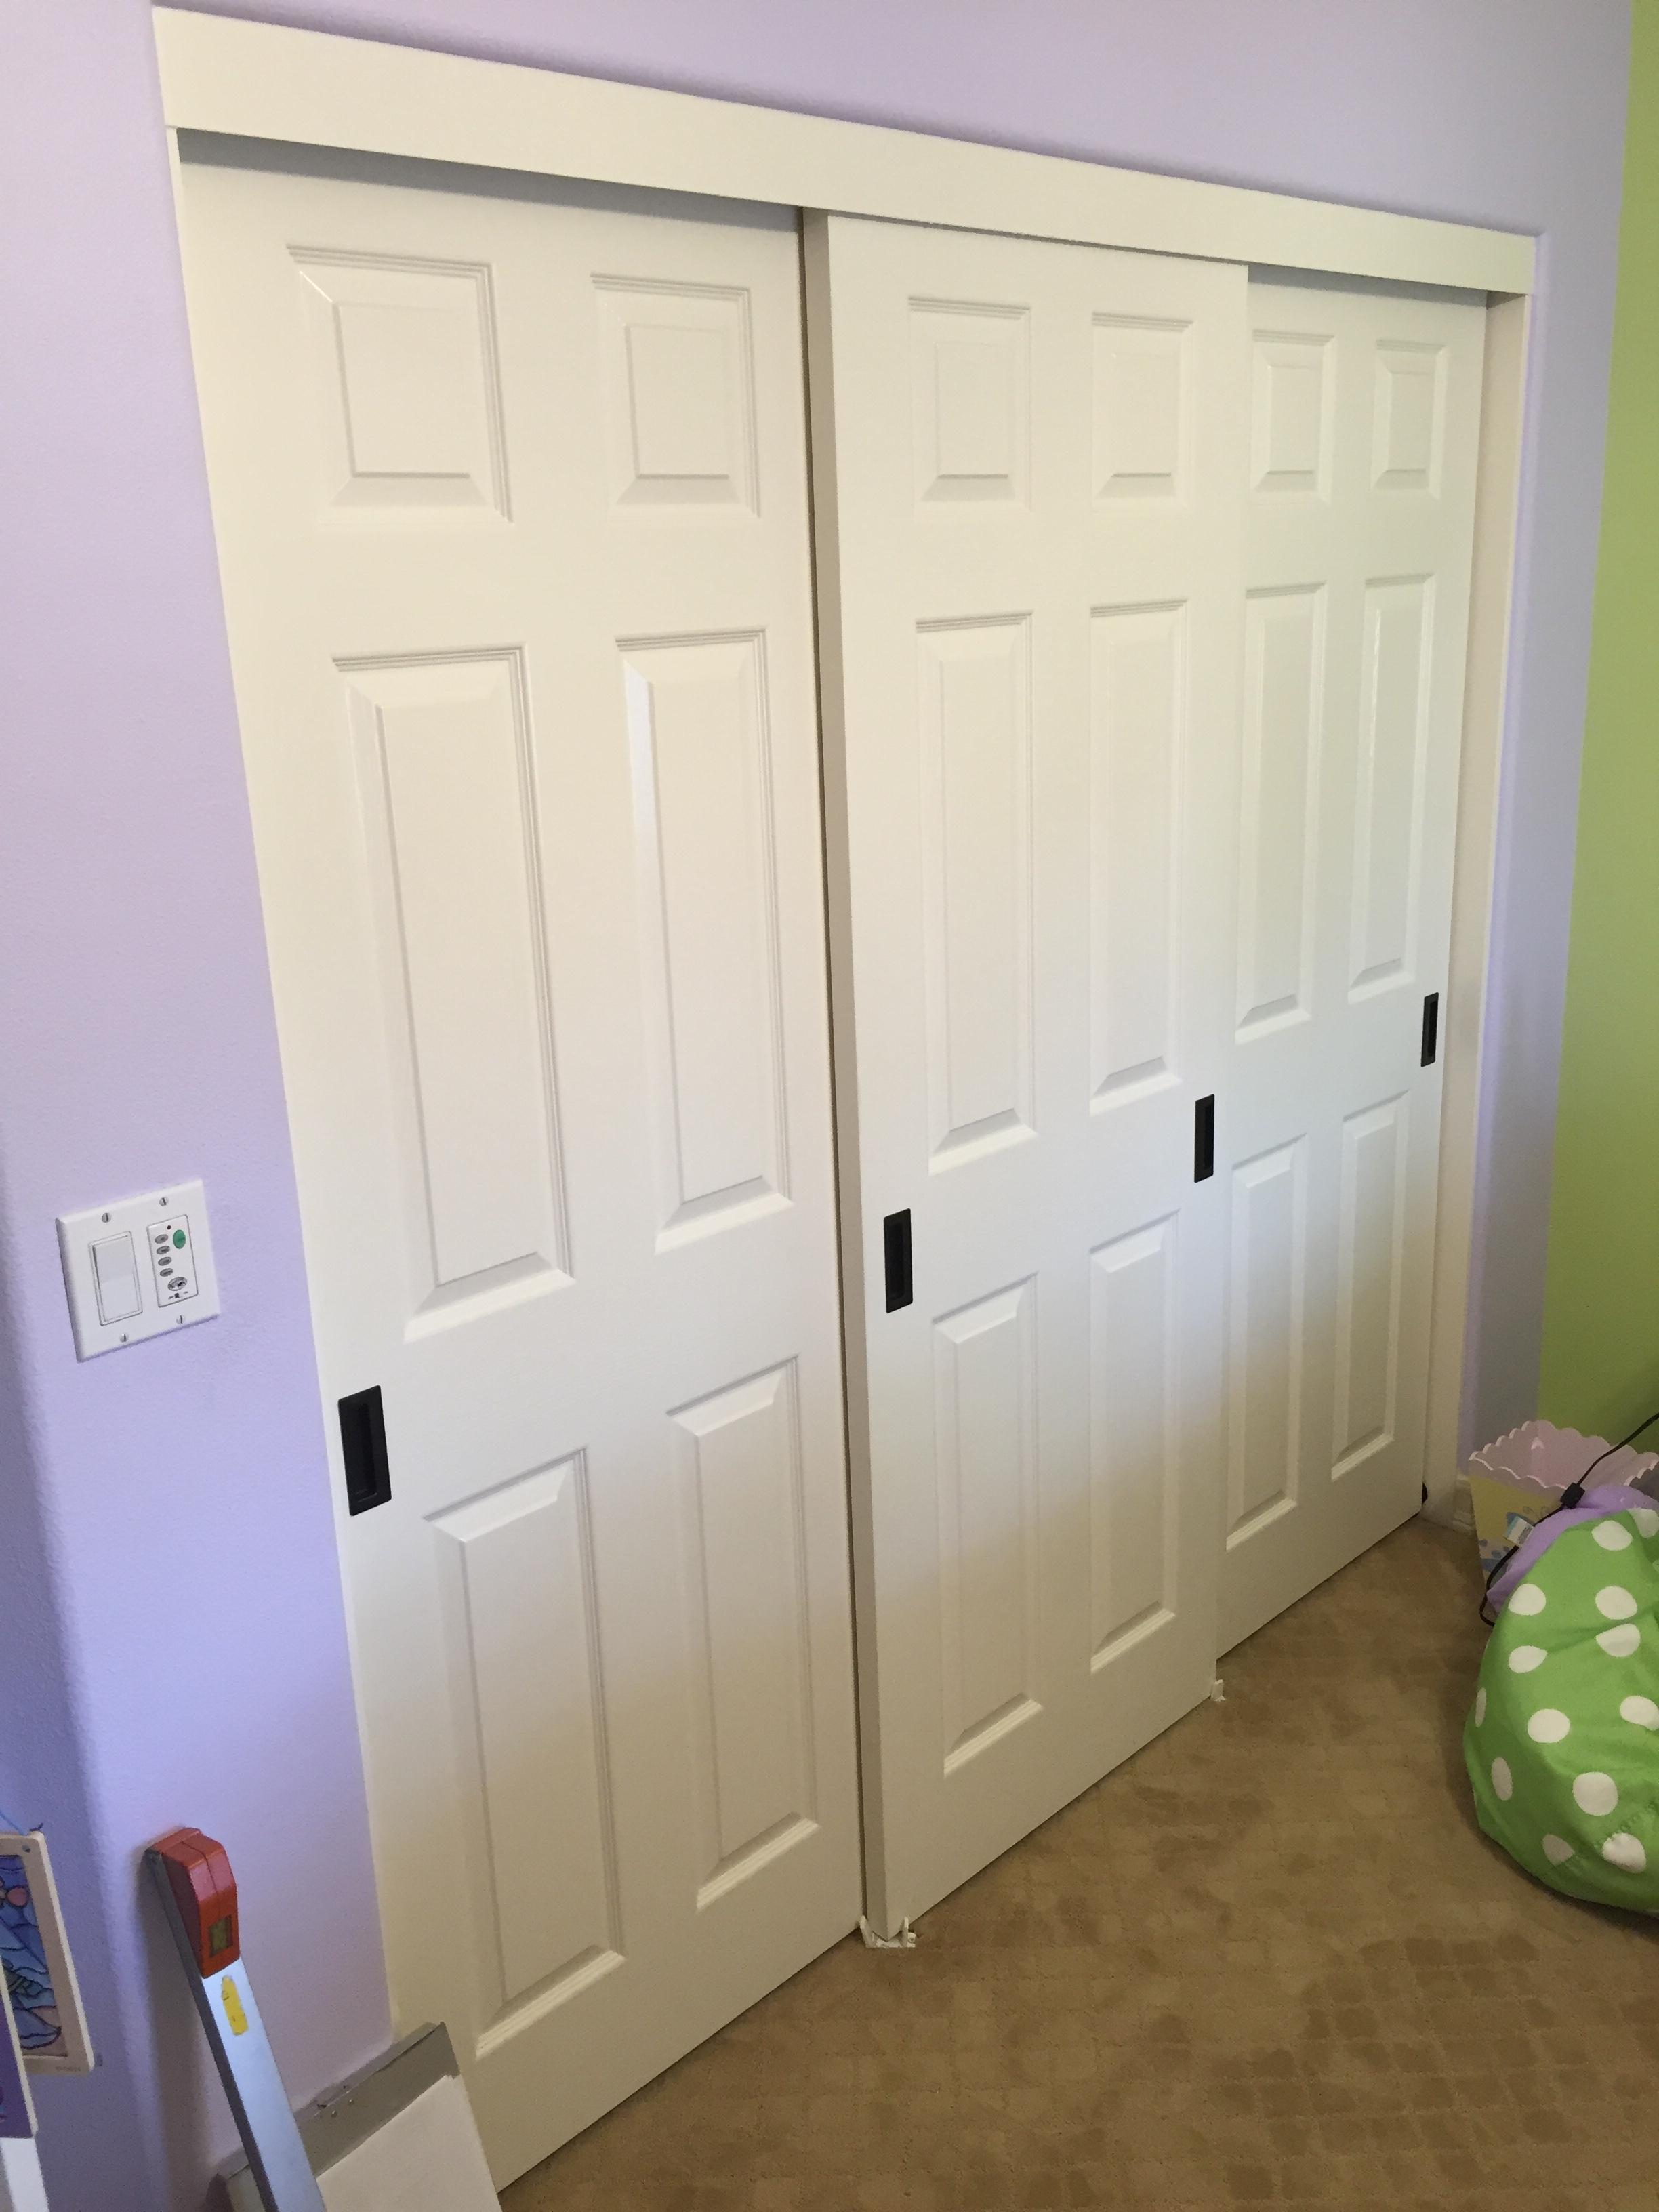 Sliding Closet Door Valance2448 X 3264